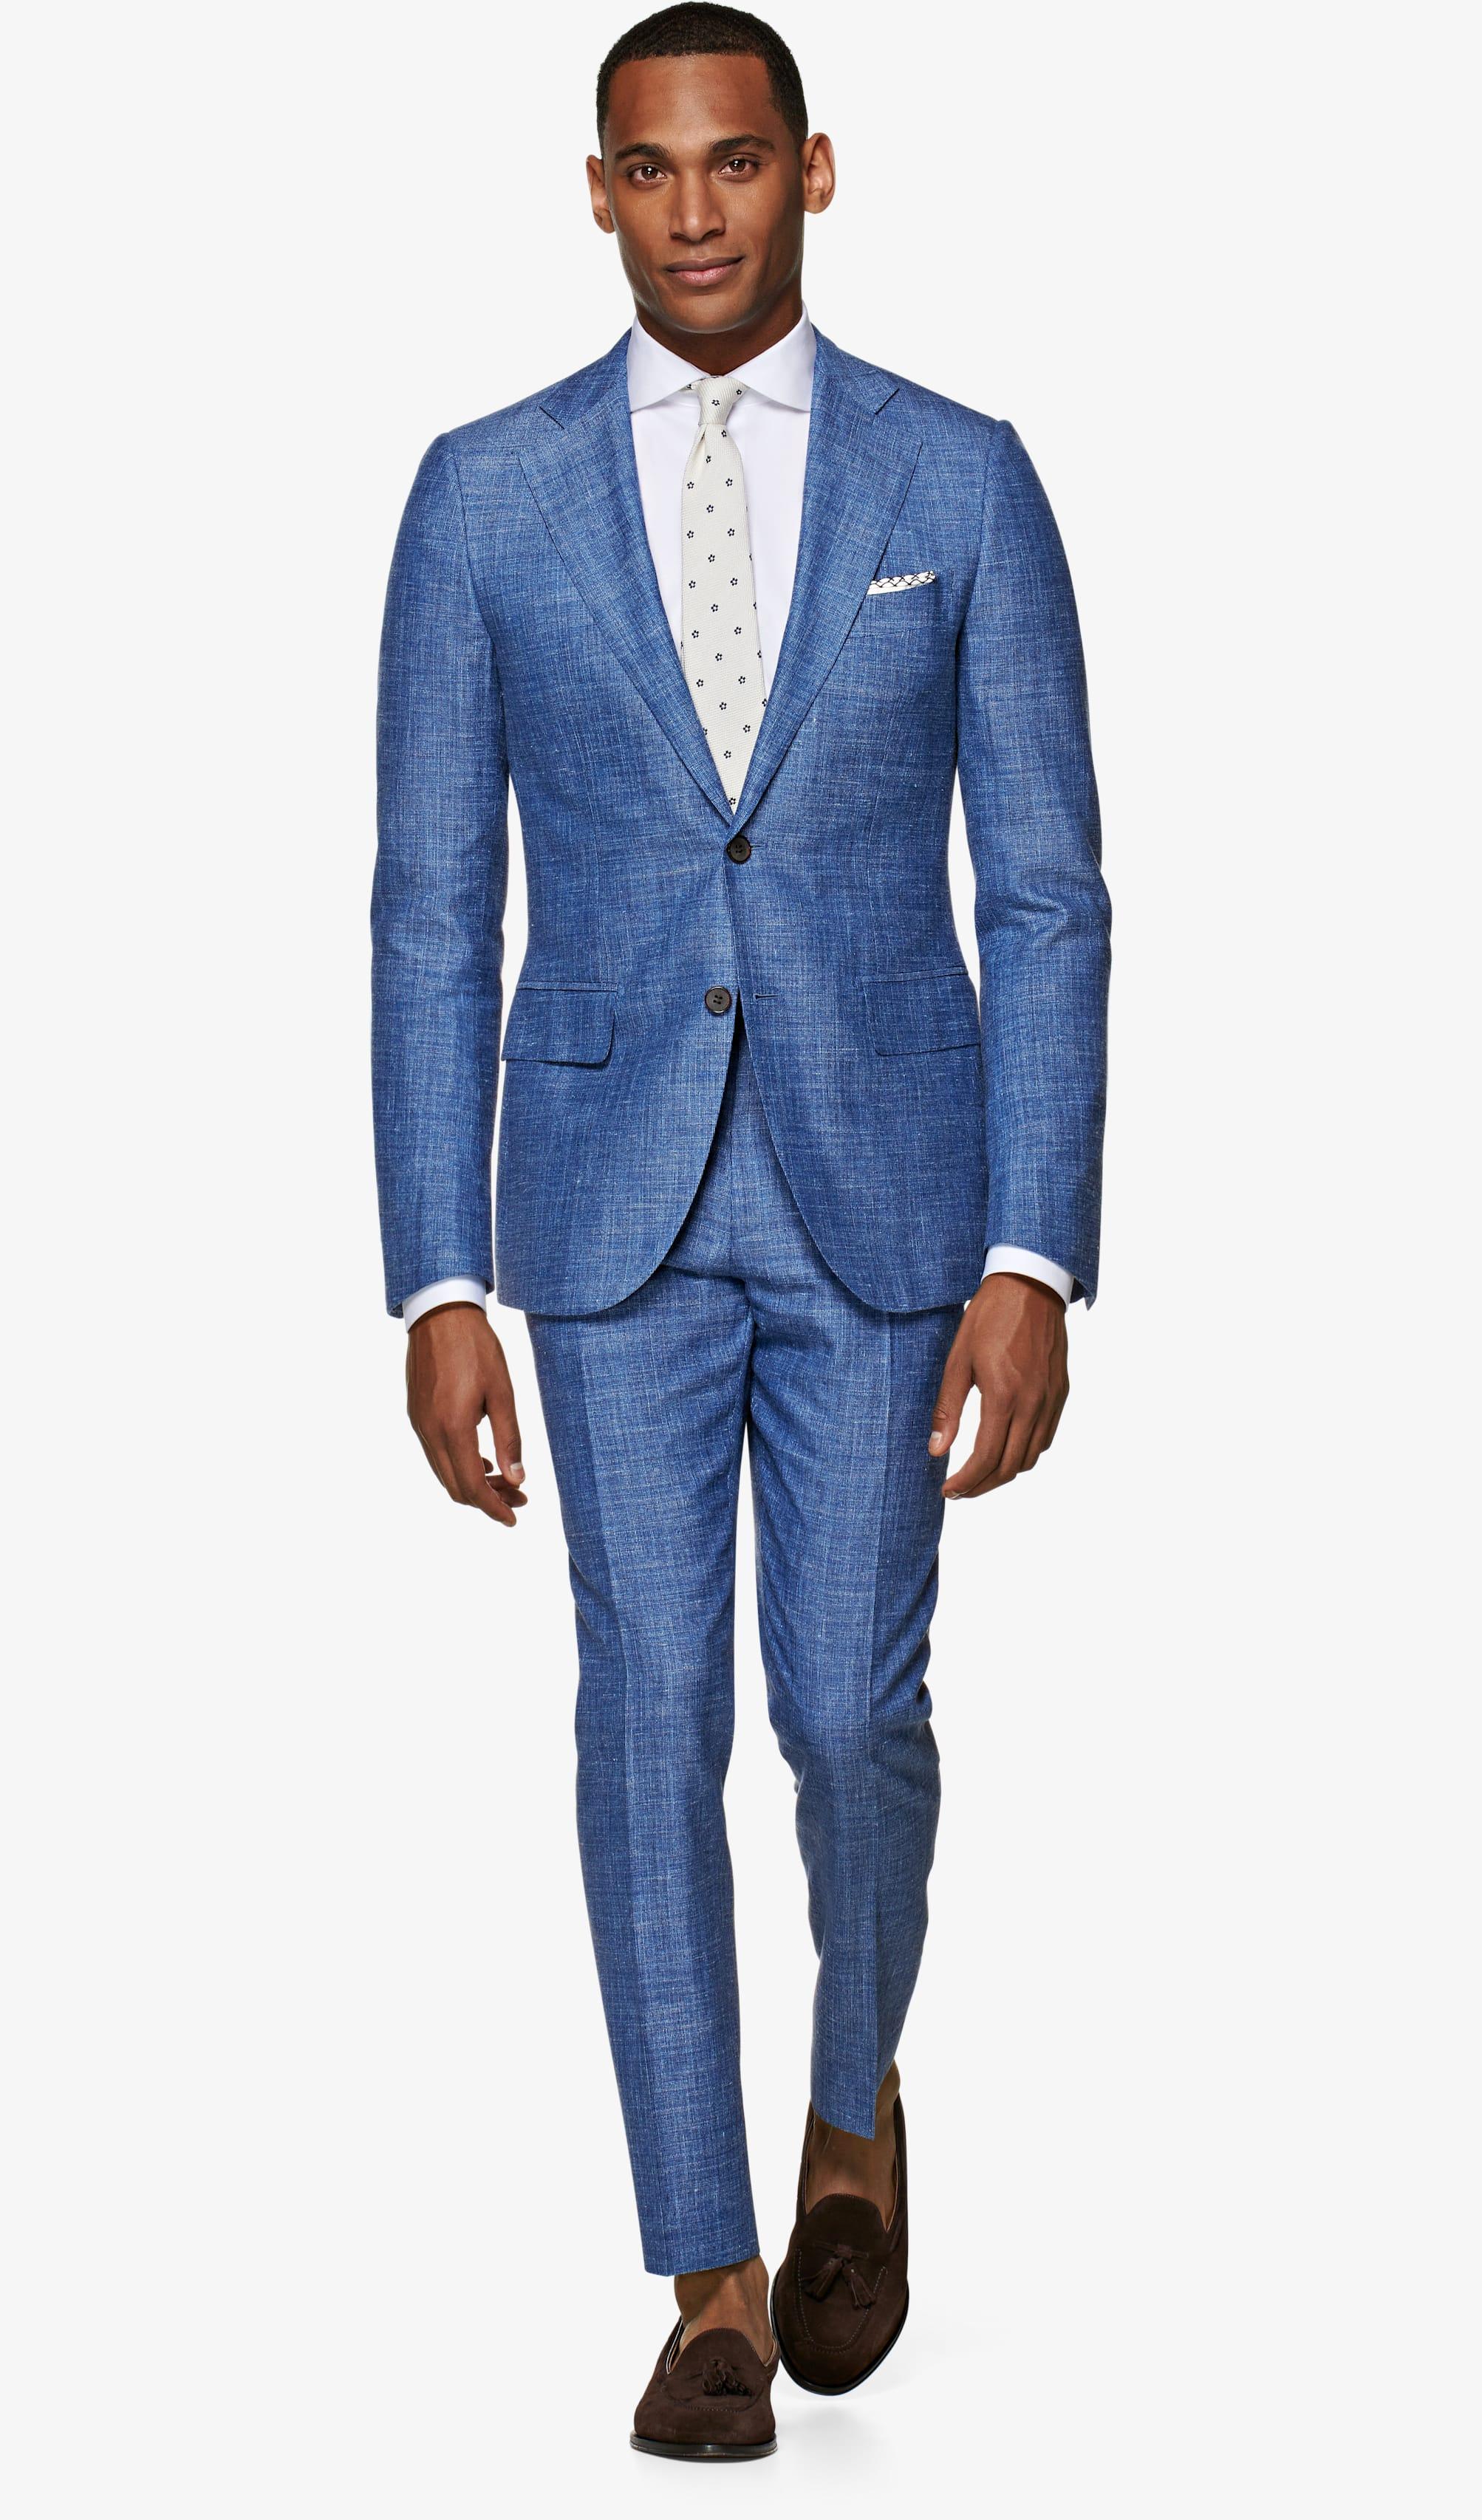 Suit_Mid_Blue_Plain_Lazio_P5737I